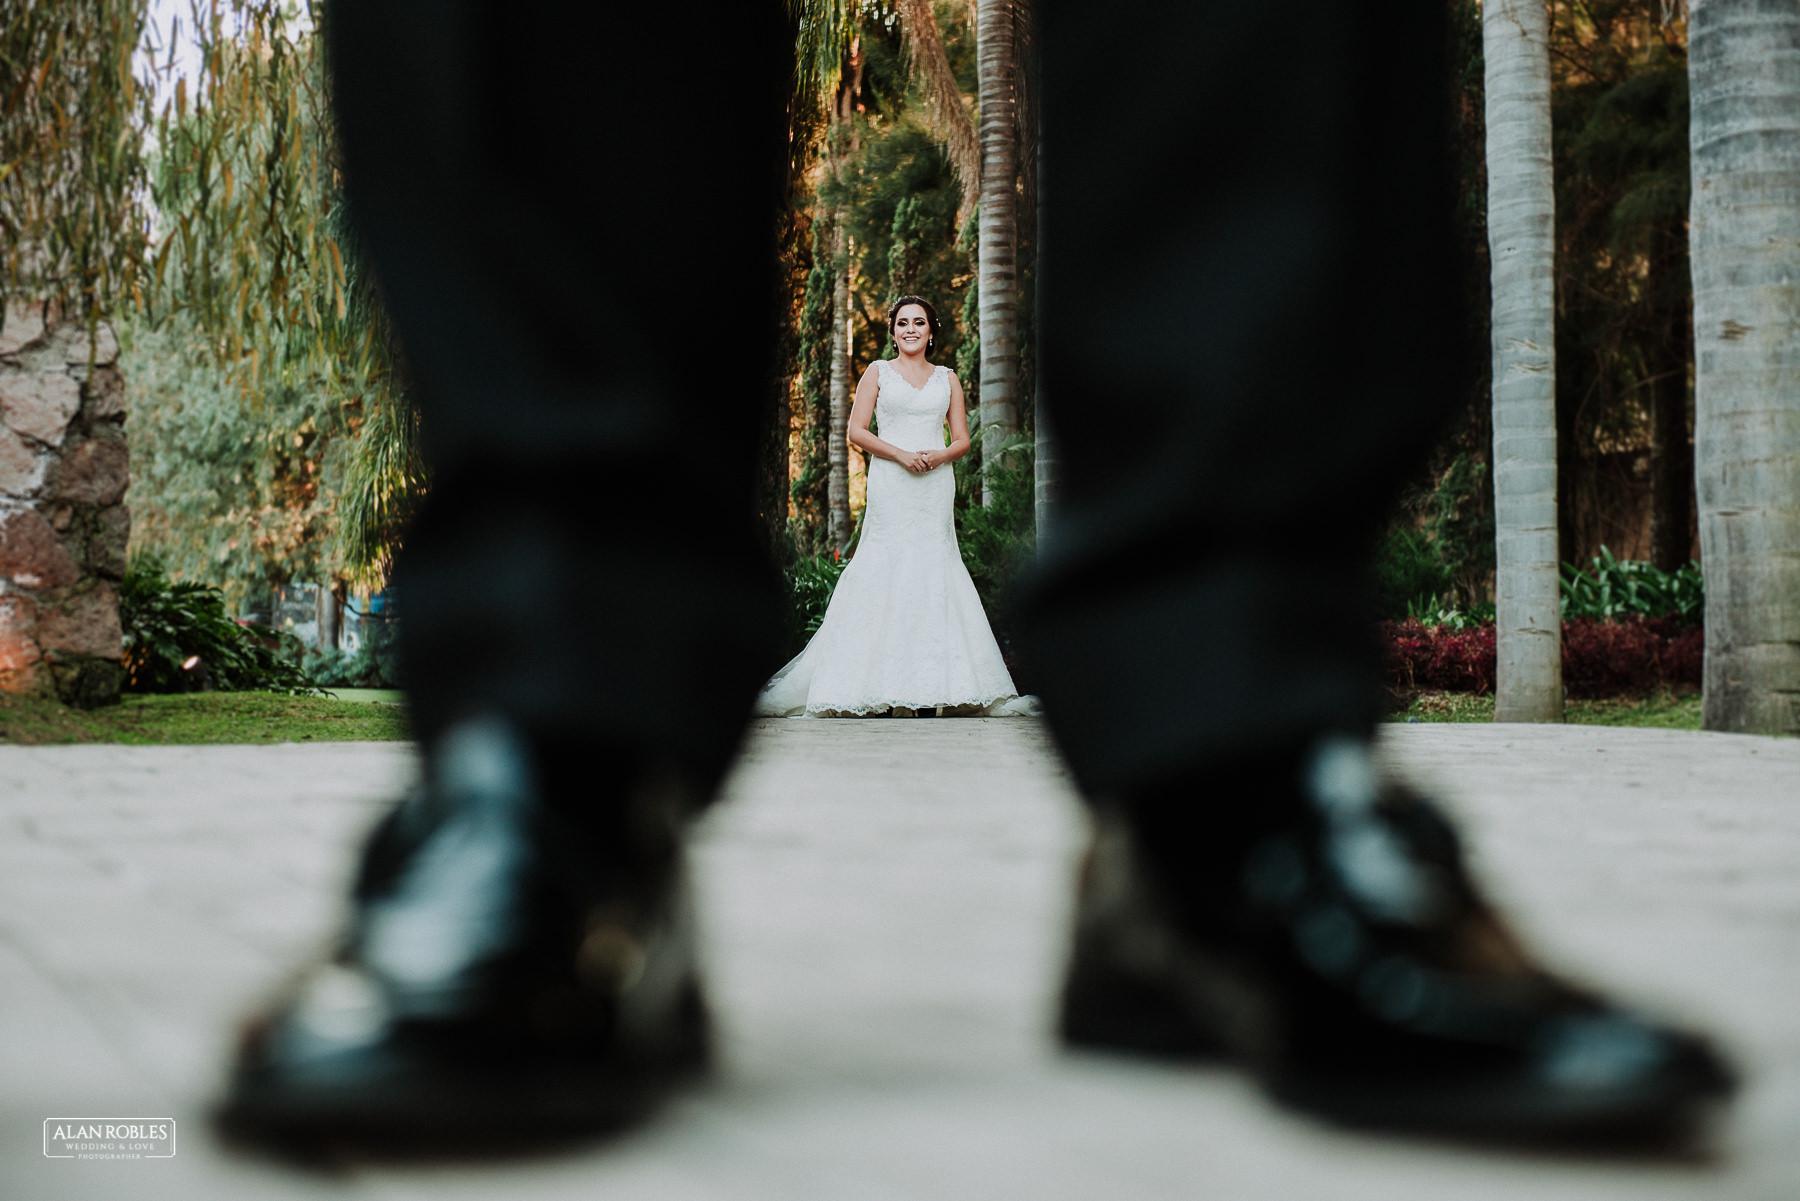 Fotografo de bodas Alan Robles-Casa Clementina Guadalajara DyA-35